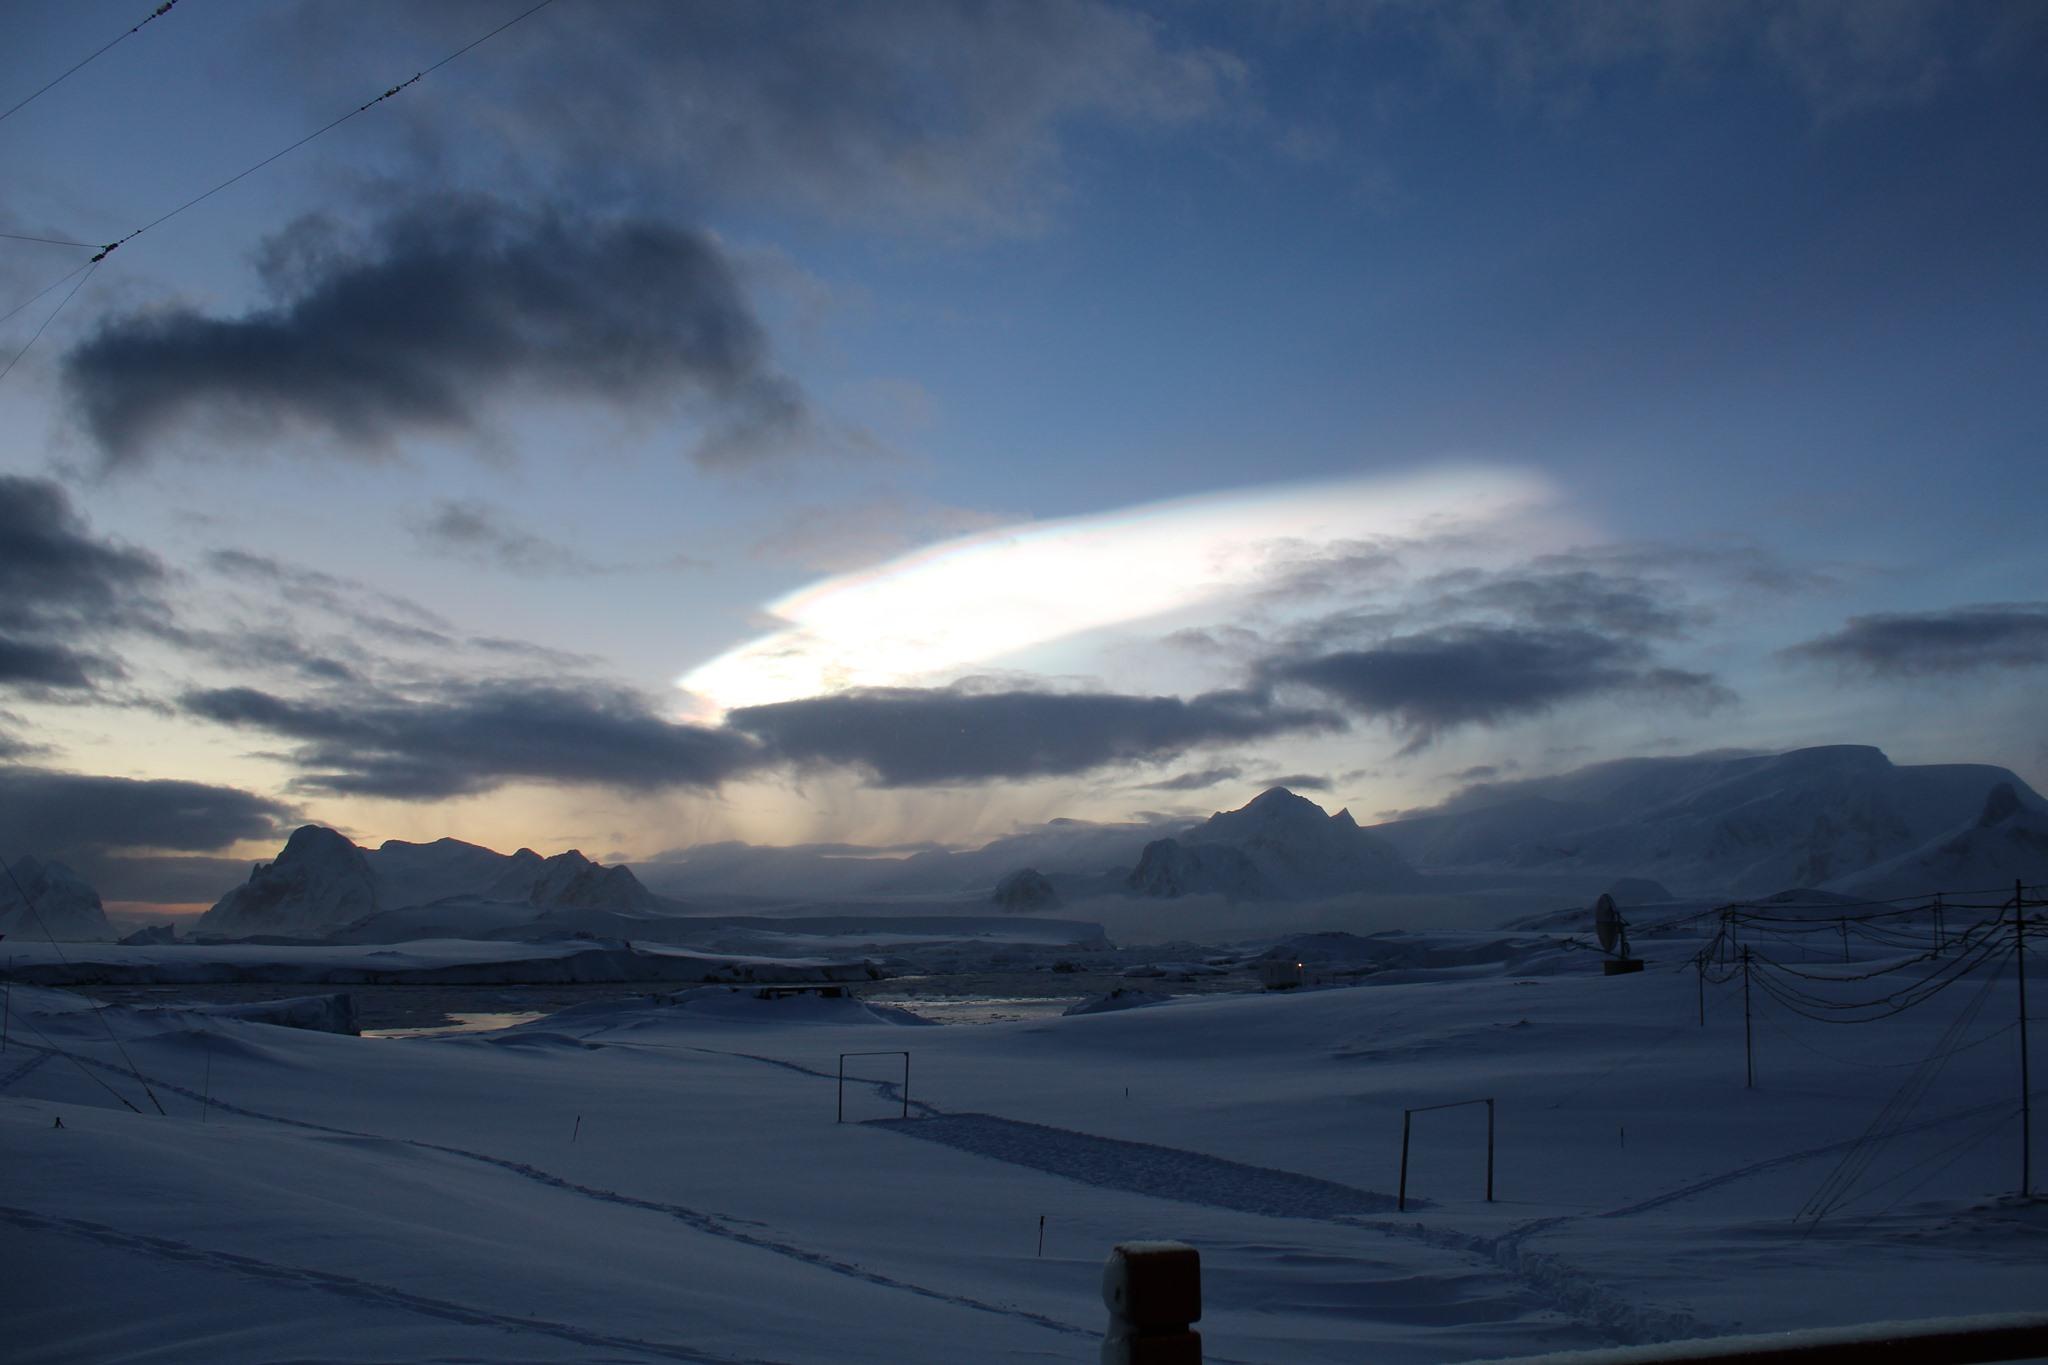 Украинцы сняли над Антарктикой редкие облака: они ледяные и перламутровые – фото